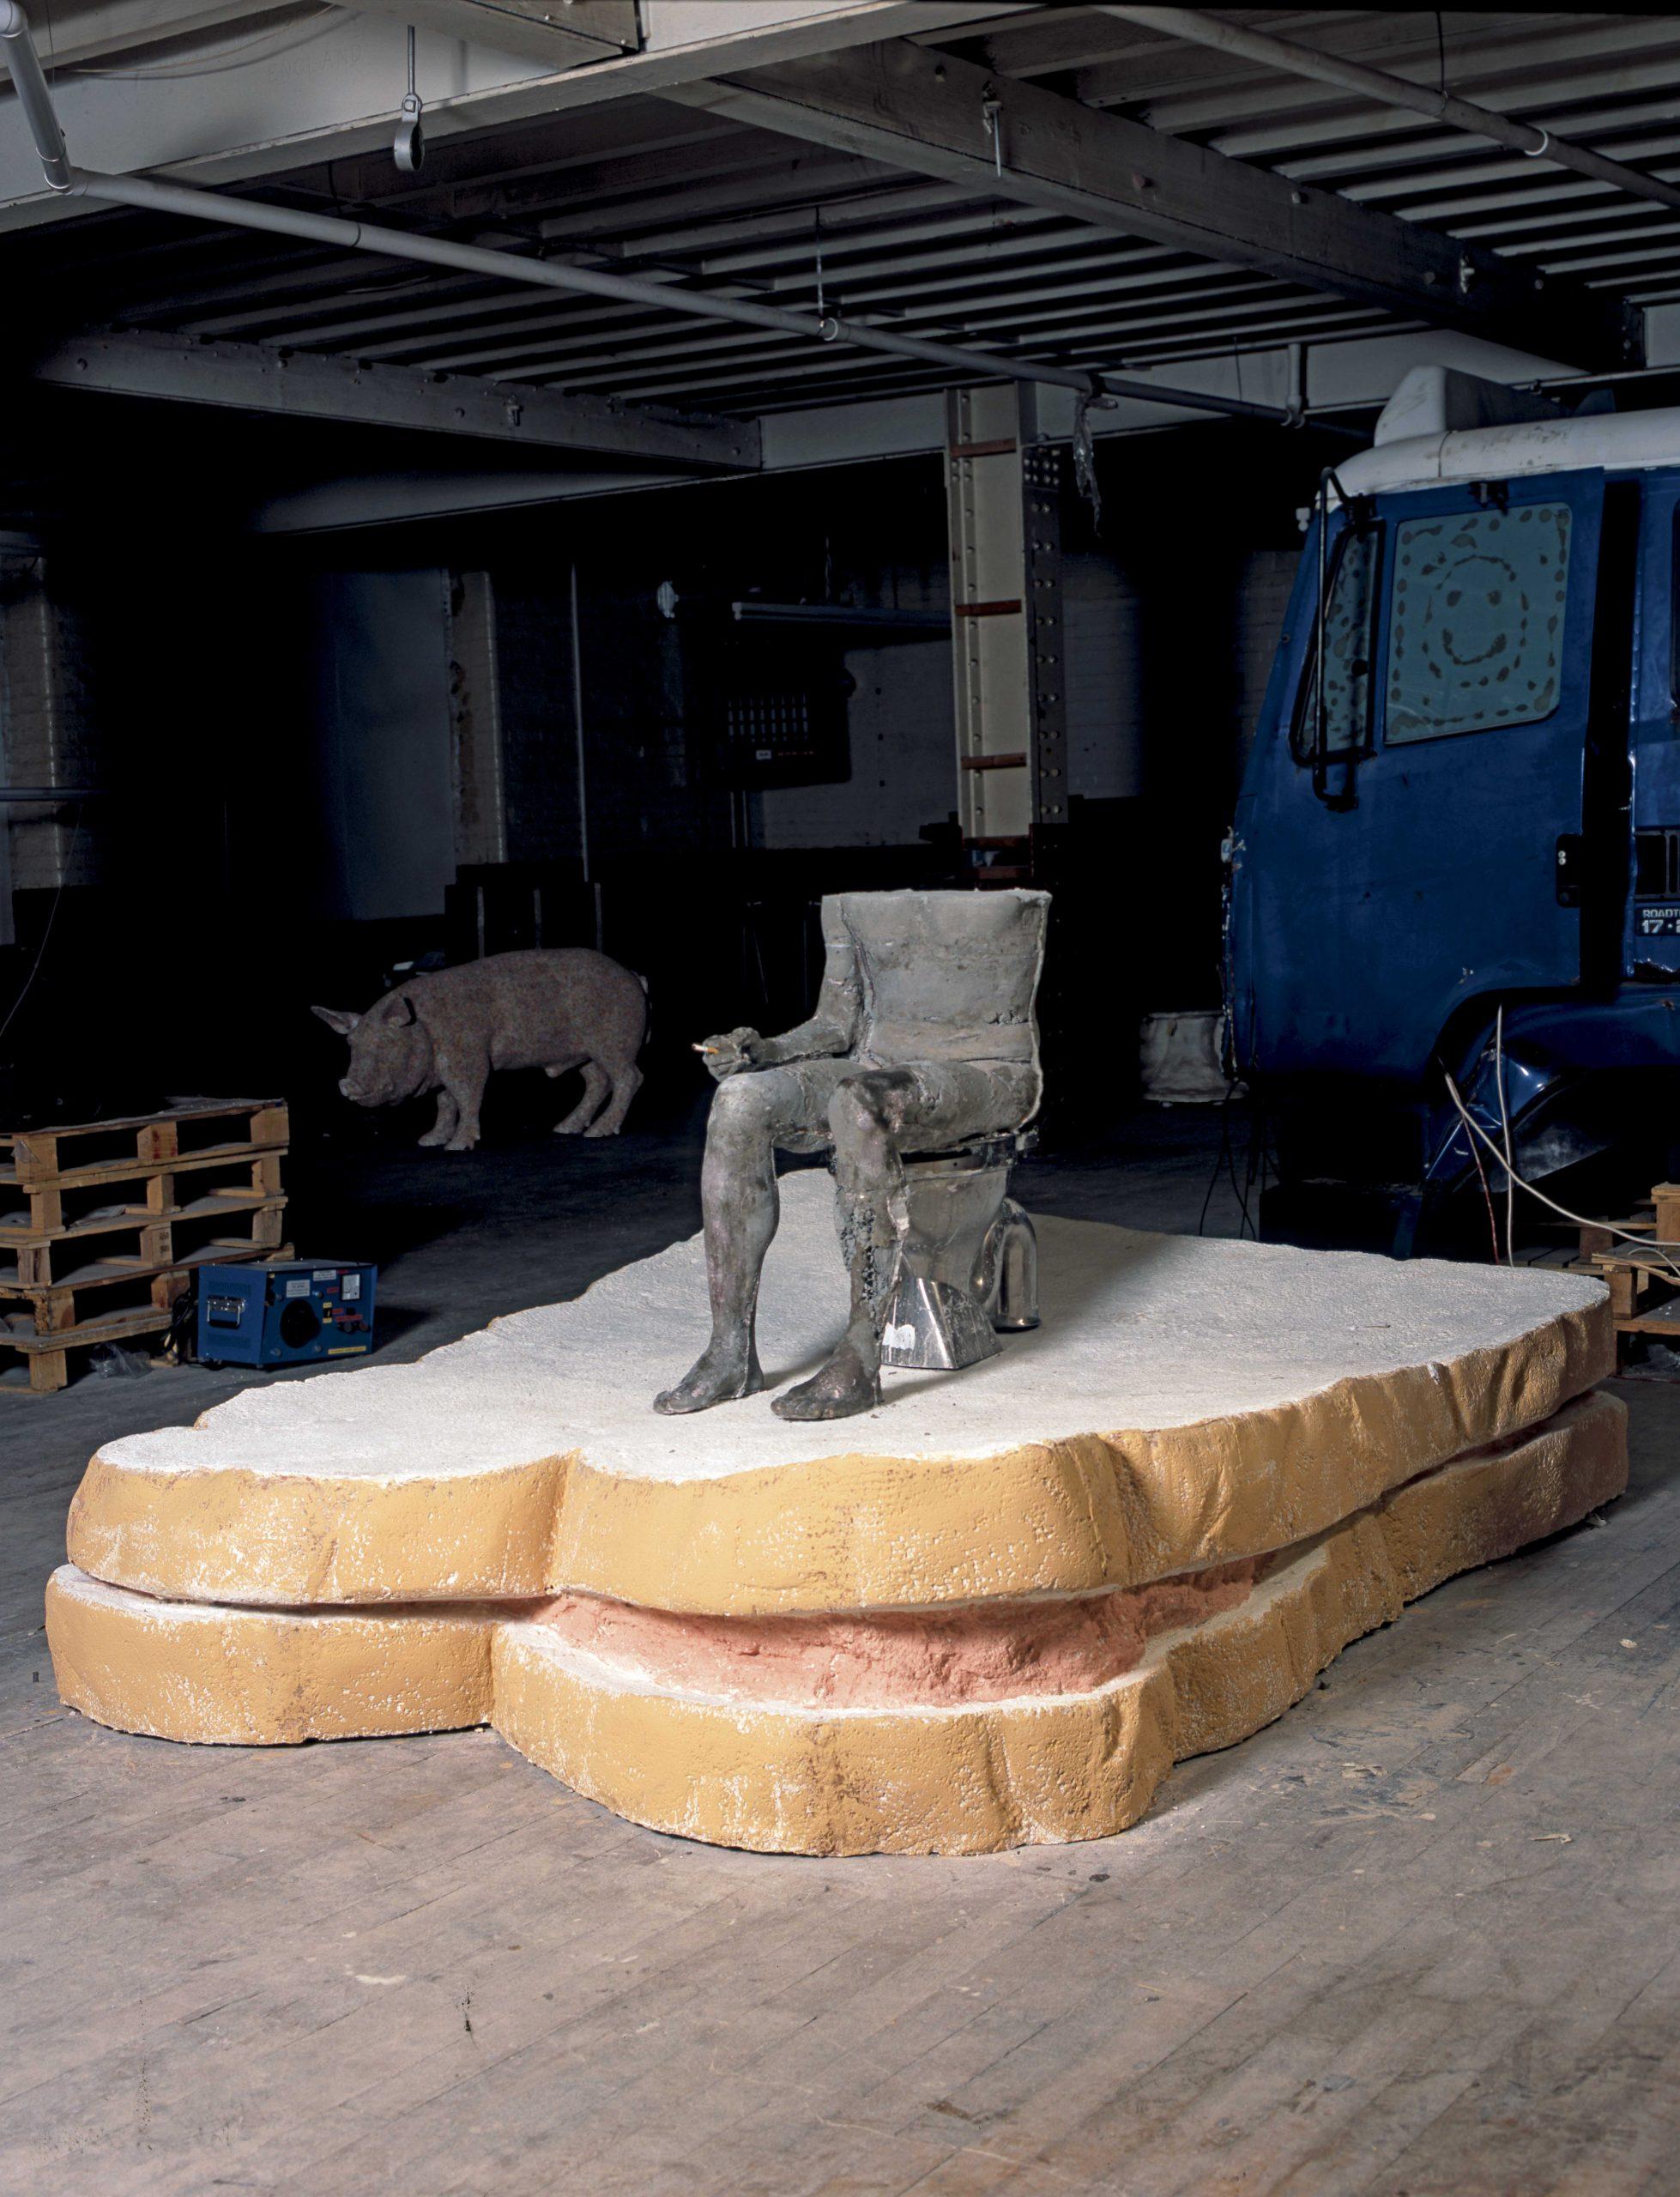 SarahLucas,Cnut,2004 Jesmonite sandwich, concrete figure, cigarette, paint, stainless steel toilet, plastic seat. Sandwich: 60 x 244 x 190 cm figure: 87 x 102 x 43 cm © Sarah Lucas, courtesy Sadie Coles HQ, London